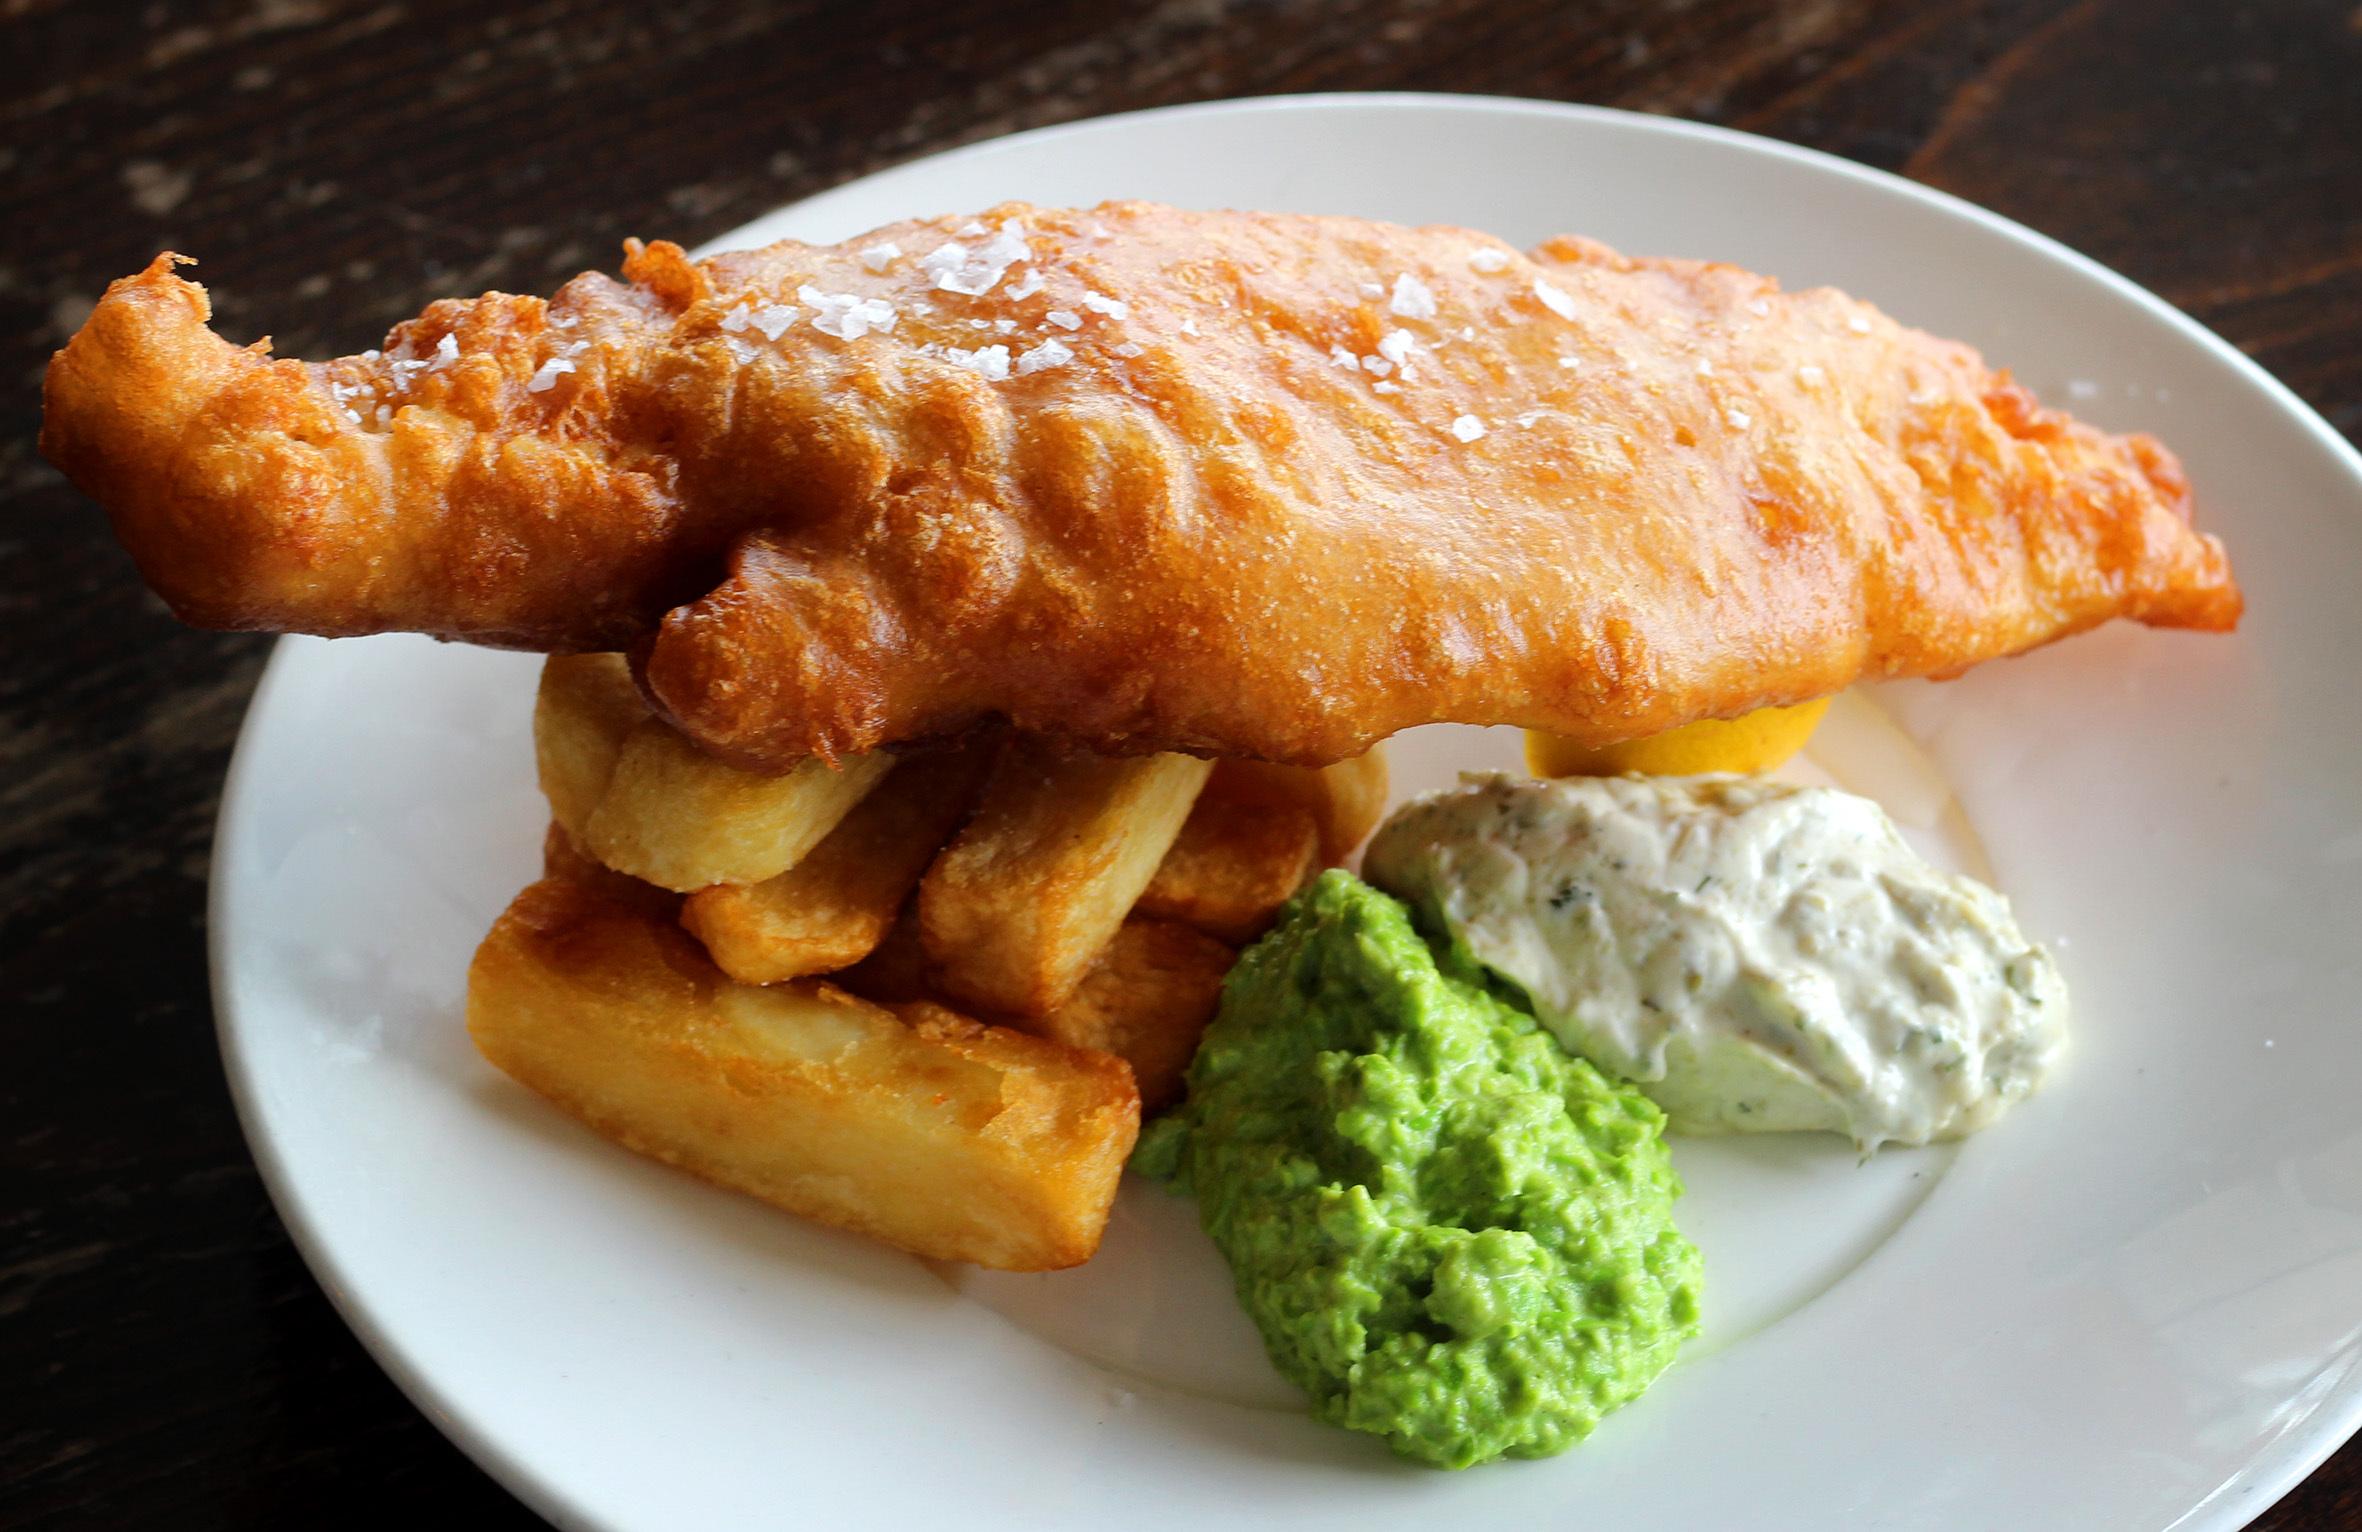 Five great London restaurants for comfort food